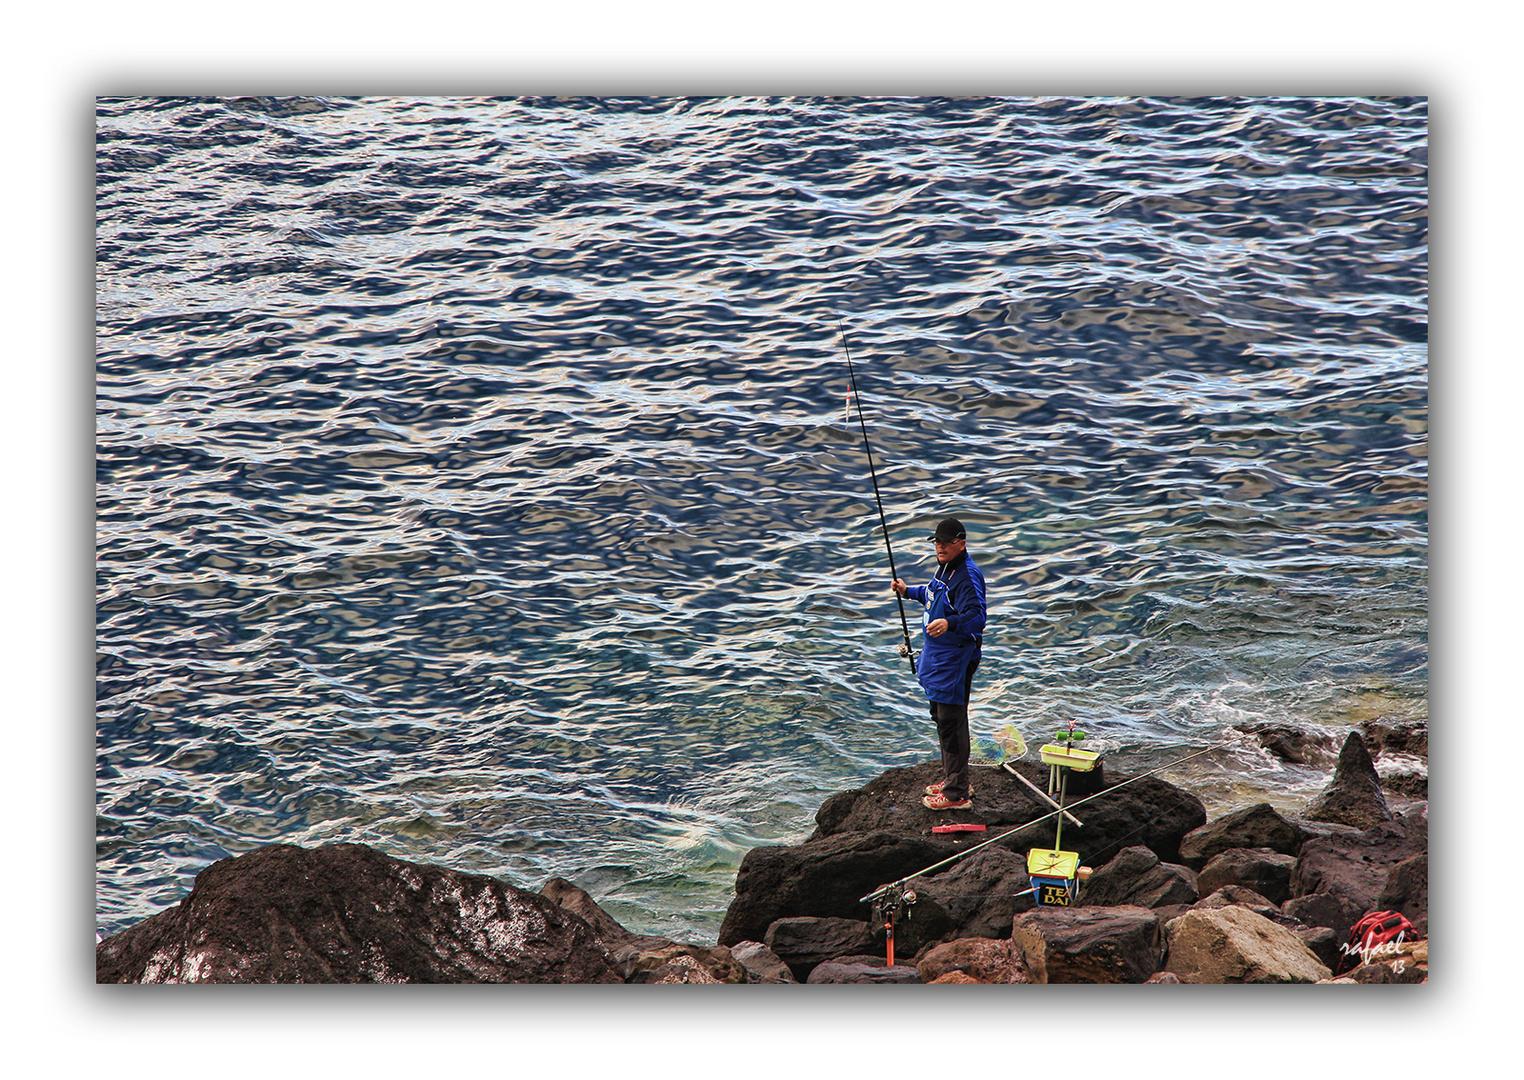 Pescador bien pertrechado